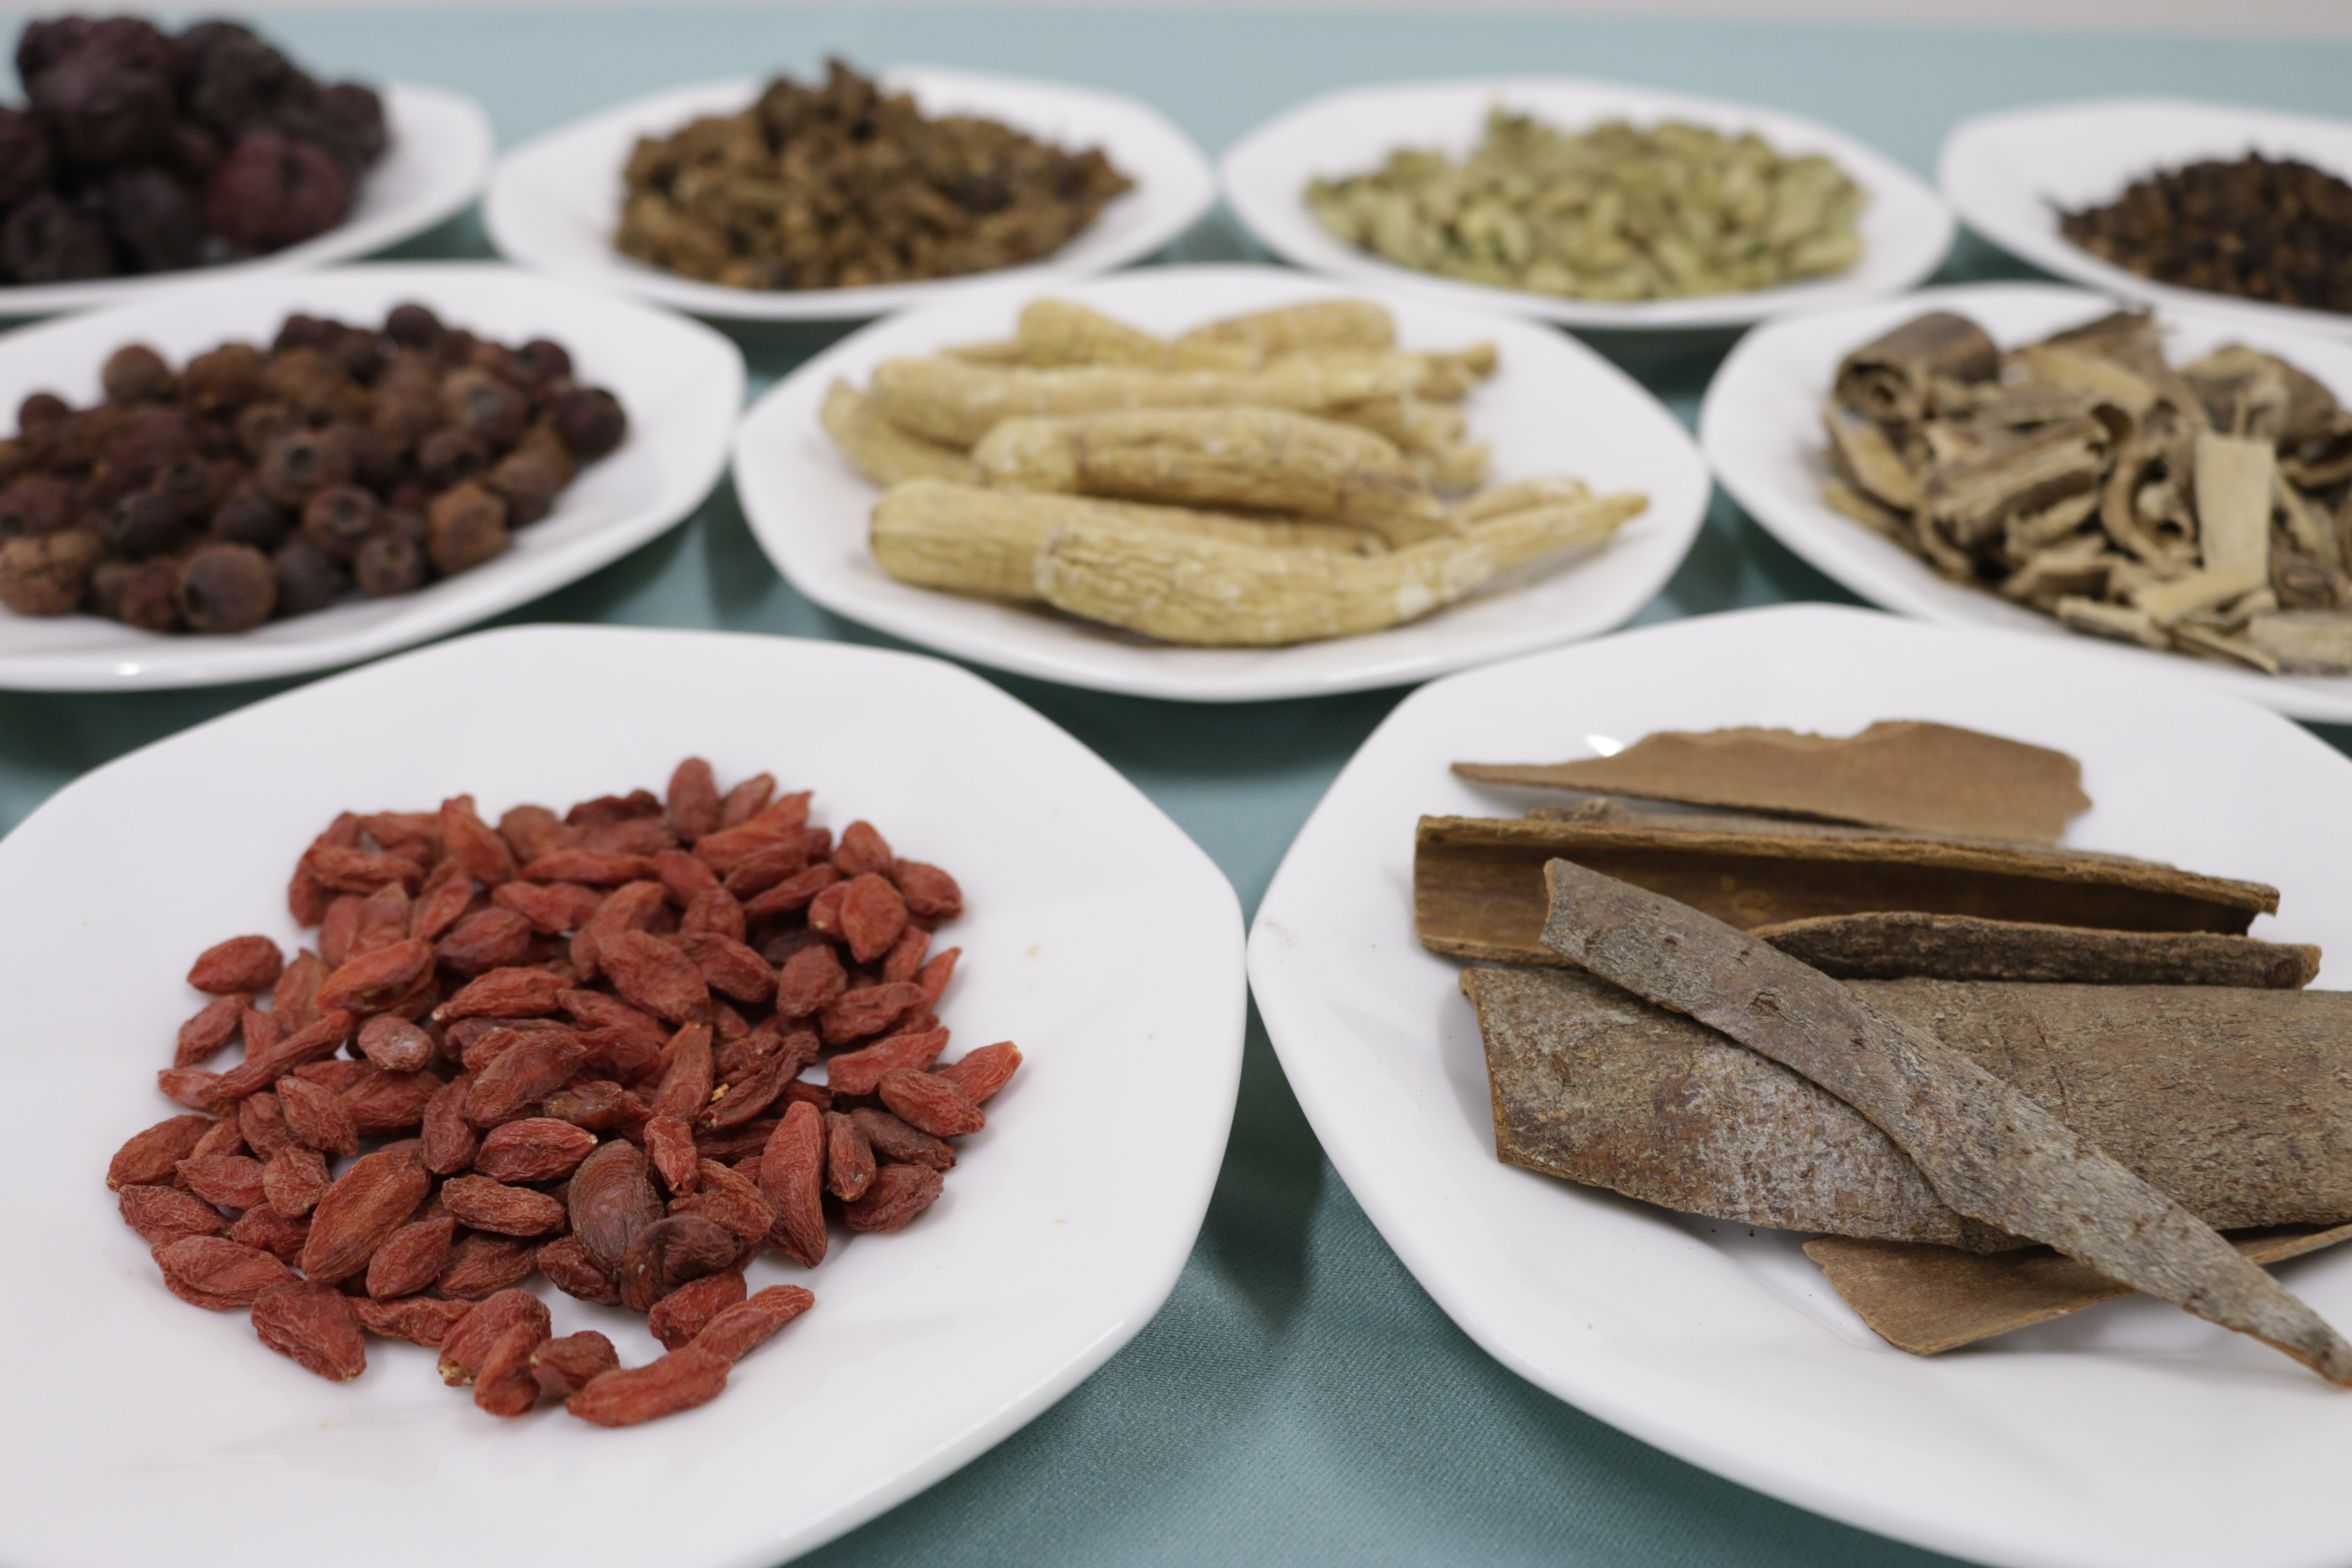 『ハーブの恵み』には、養命酒が400年を超える歴史で培ってきた「ハーブの選定技術」と「伝統的な製法」が結集しています。候補となった100種類を超えるハーブの中から、「ココロにやさしい」クローブ、シナモン、甜杏仁(かんきょうにん)、クロモジ、カルダモン、花椒(かしょう)の6種類と、「カラダにやさしい」高麗人参、桑の実、クコの実、ネムノキ、サンザシ、リュウガン、ナツメの7種類、計13種類を厳選してブレンド。